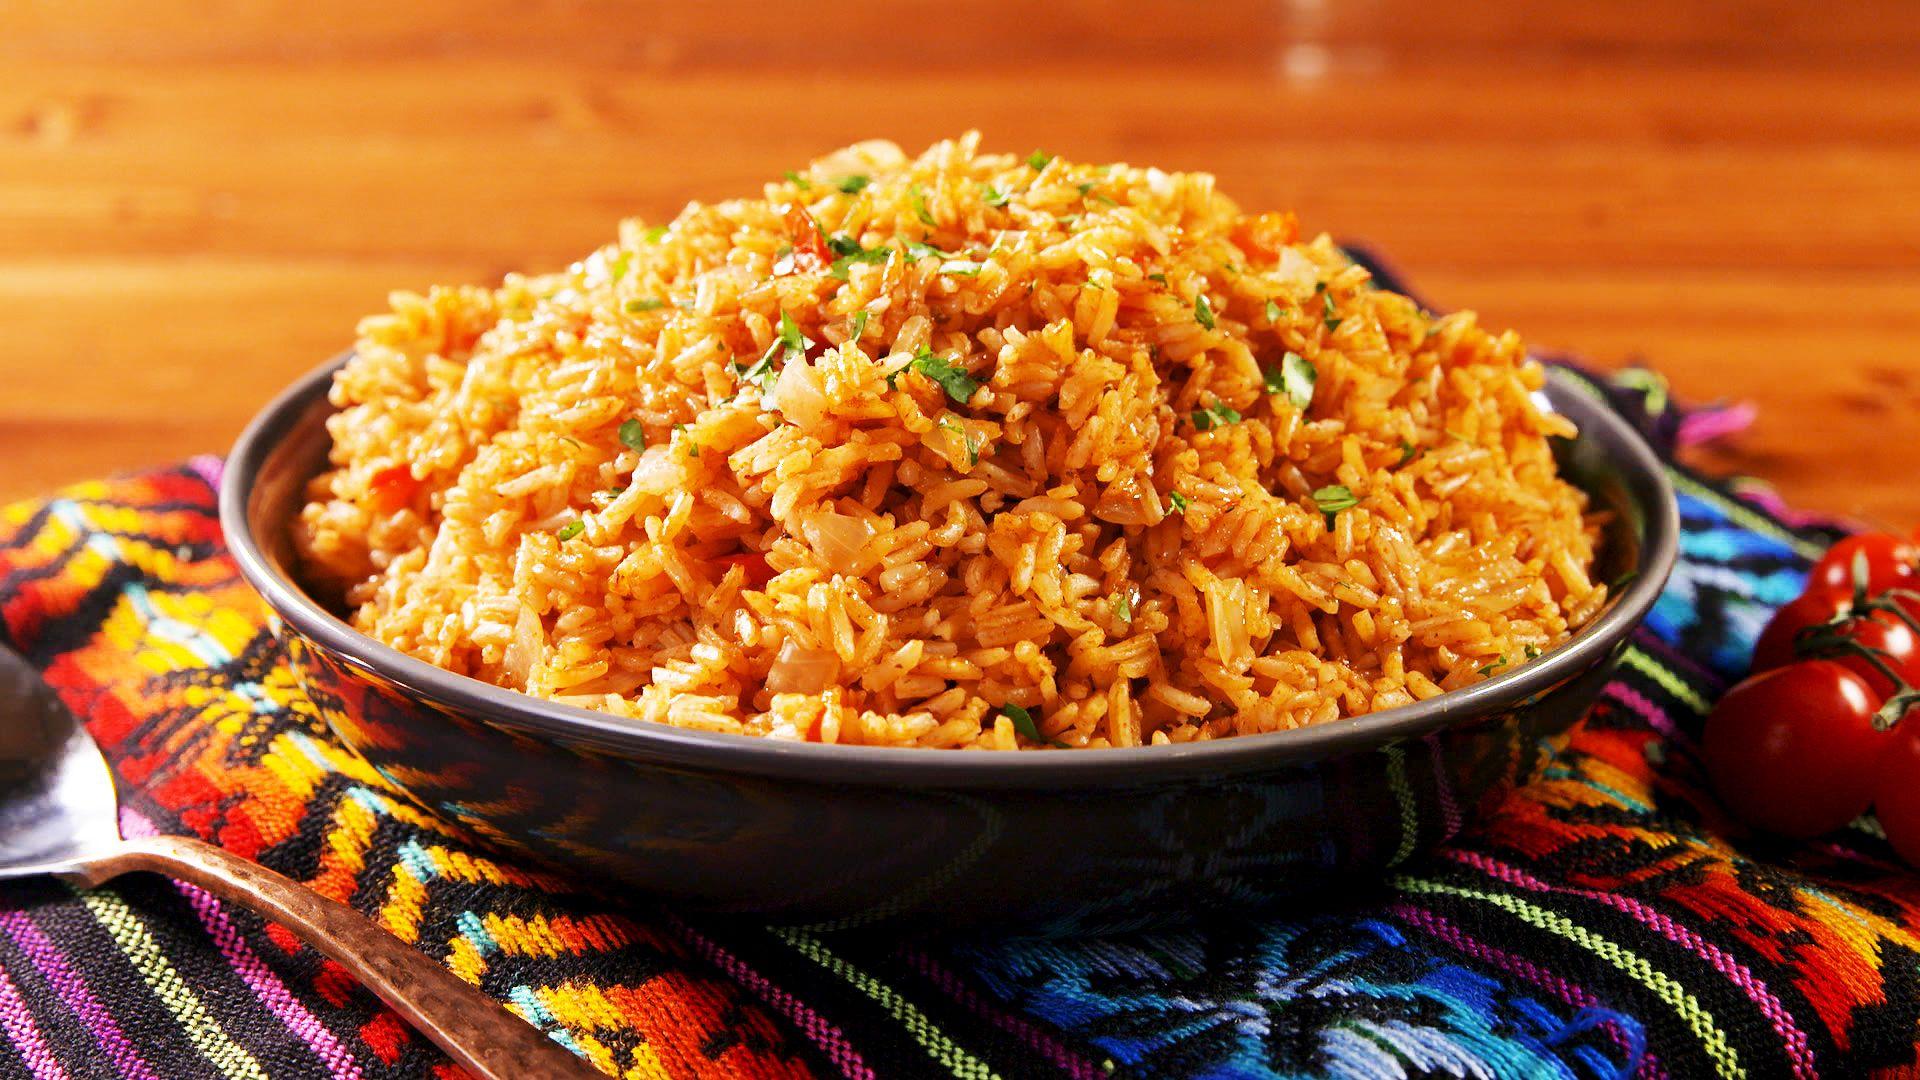 Best Spanish Rice Recipe  How To Make Spanish Rice